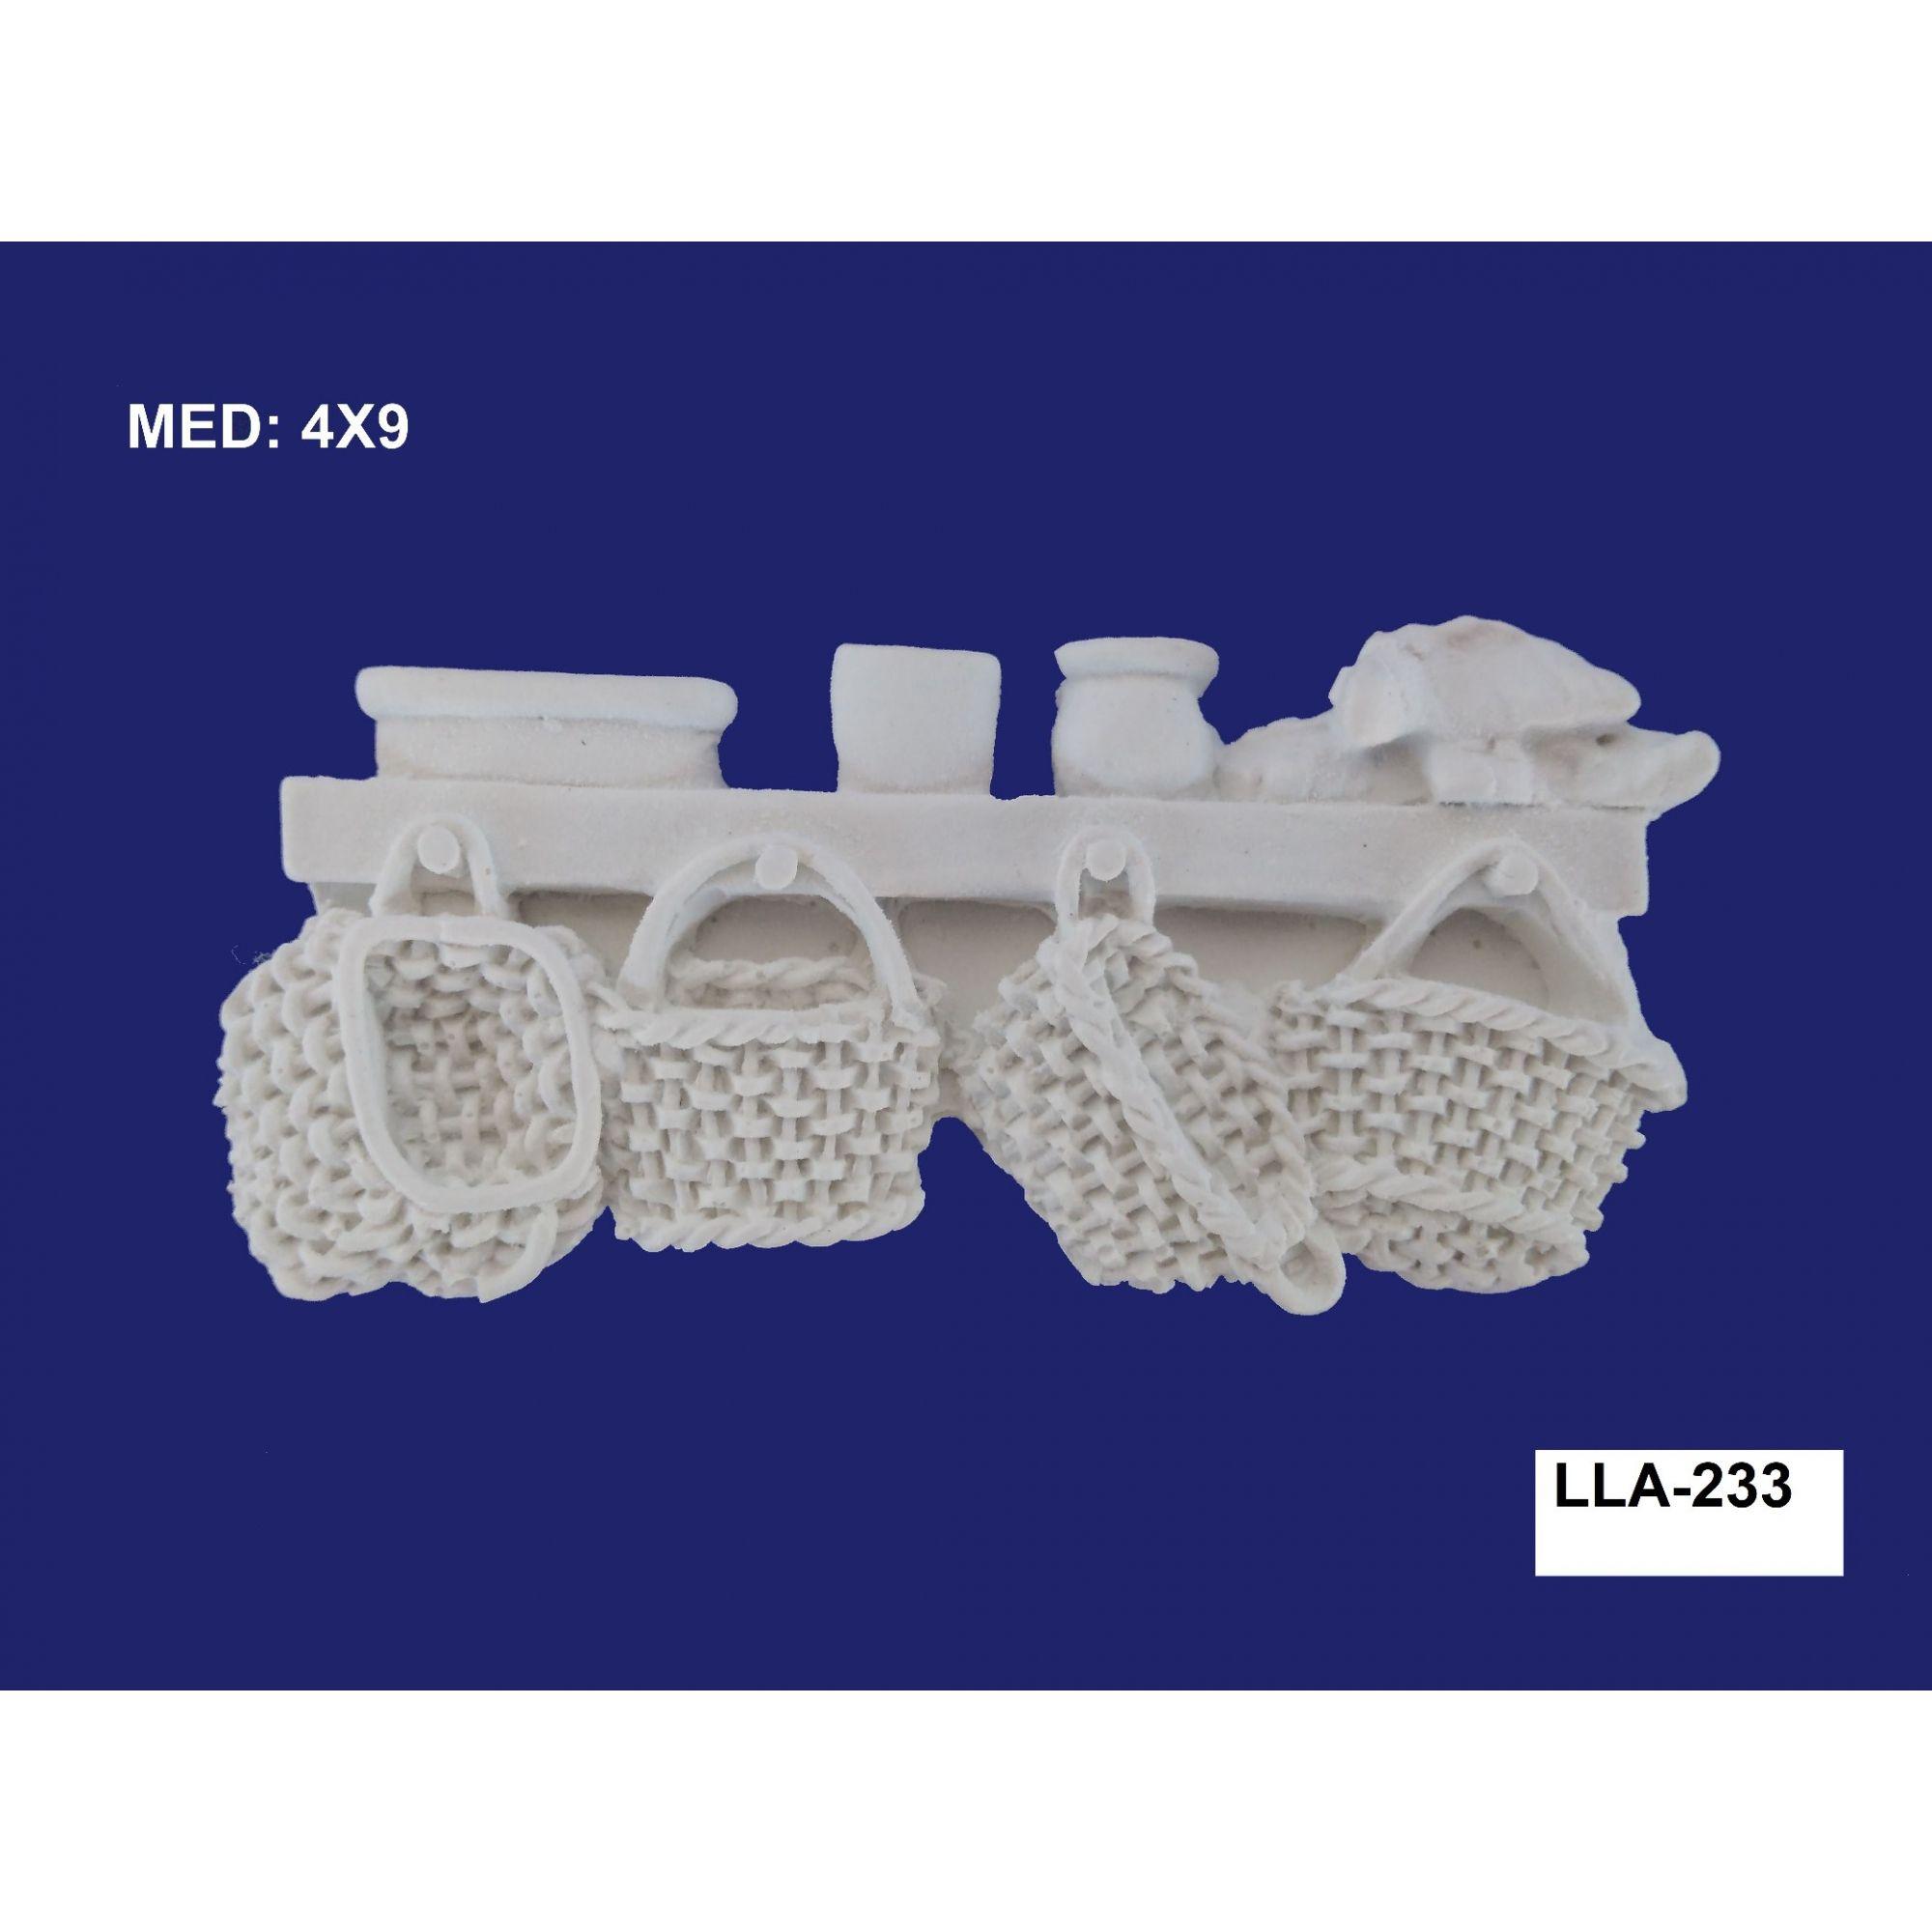 LLA-233 APLIQUE COZINHA 04X09CM